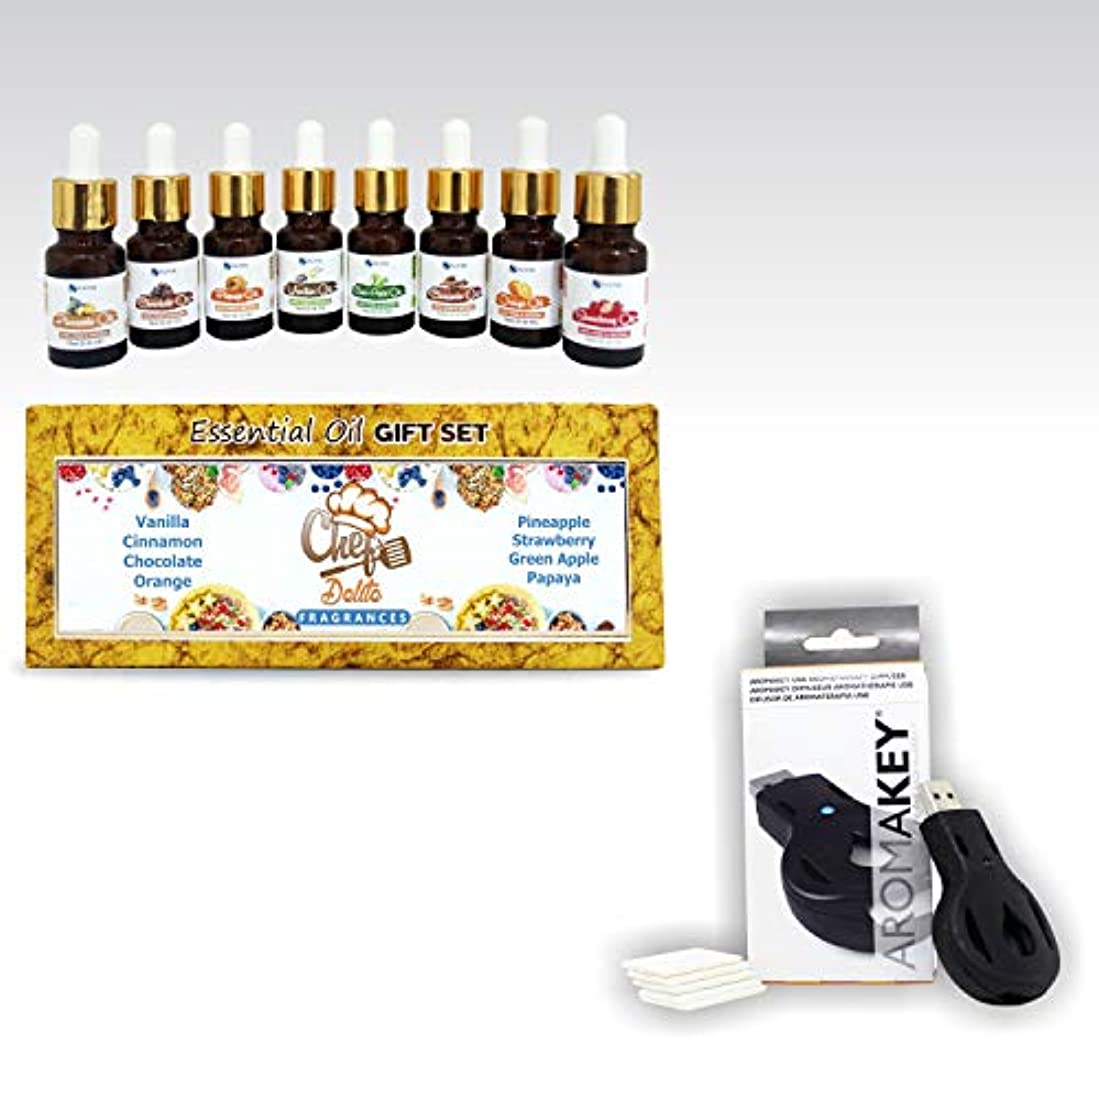 休憩する海藻単にAromatherapy Essential Oils - Chef's Delite (Pack of 8) 100% Pure & Natural Plus Aromakey USB Personal Diffuser...